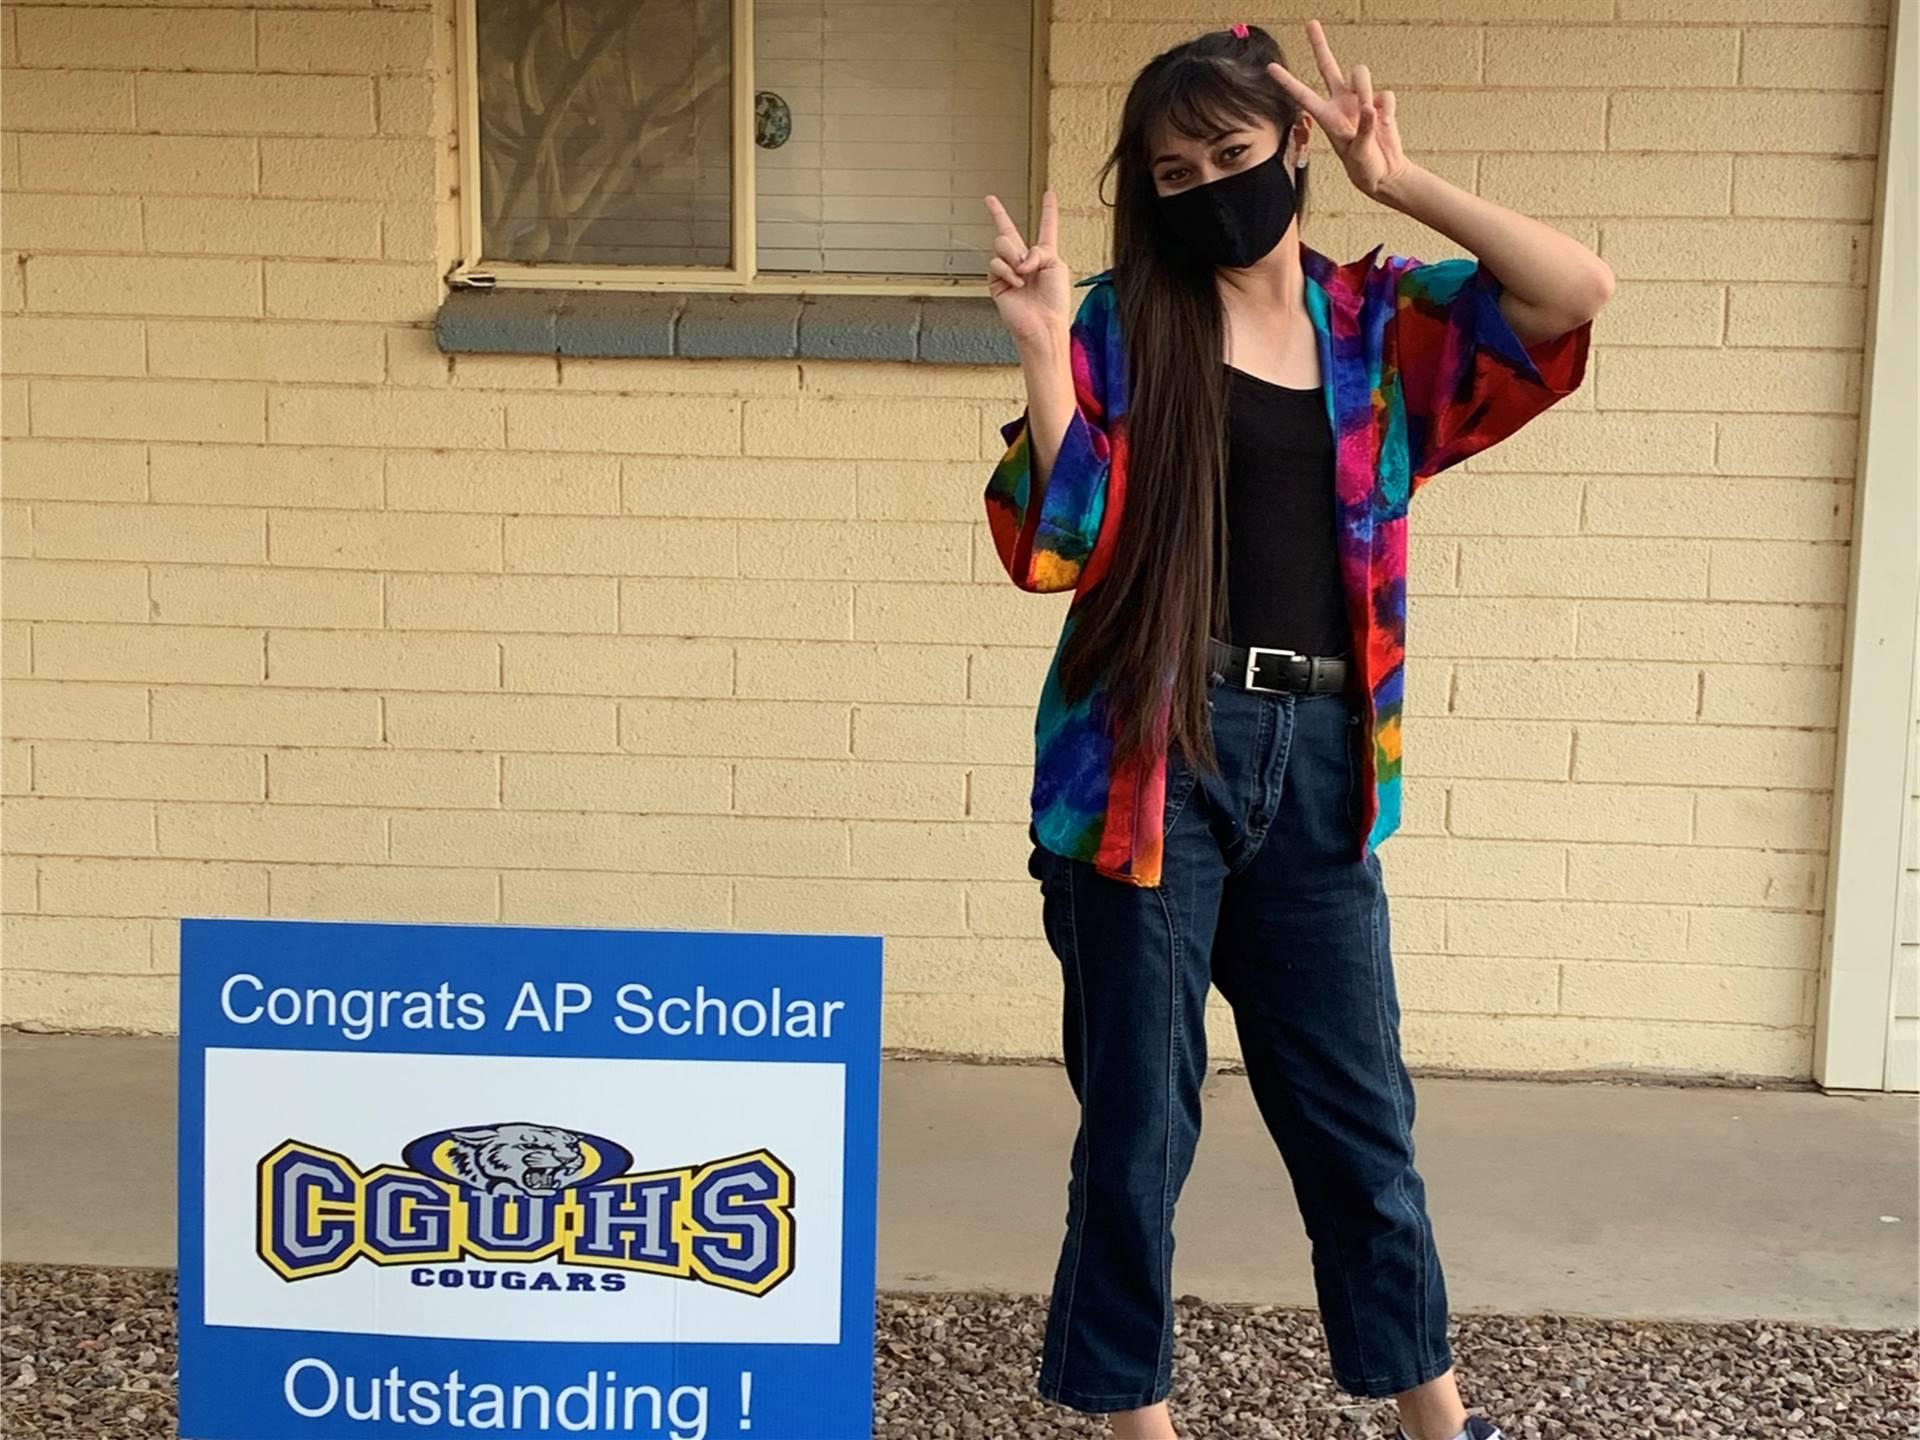 CG-APScholars20201102 (12)Crop